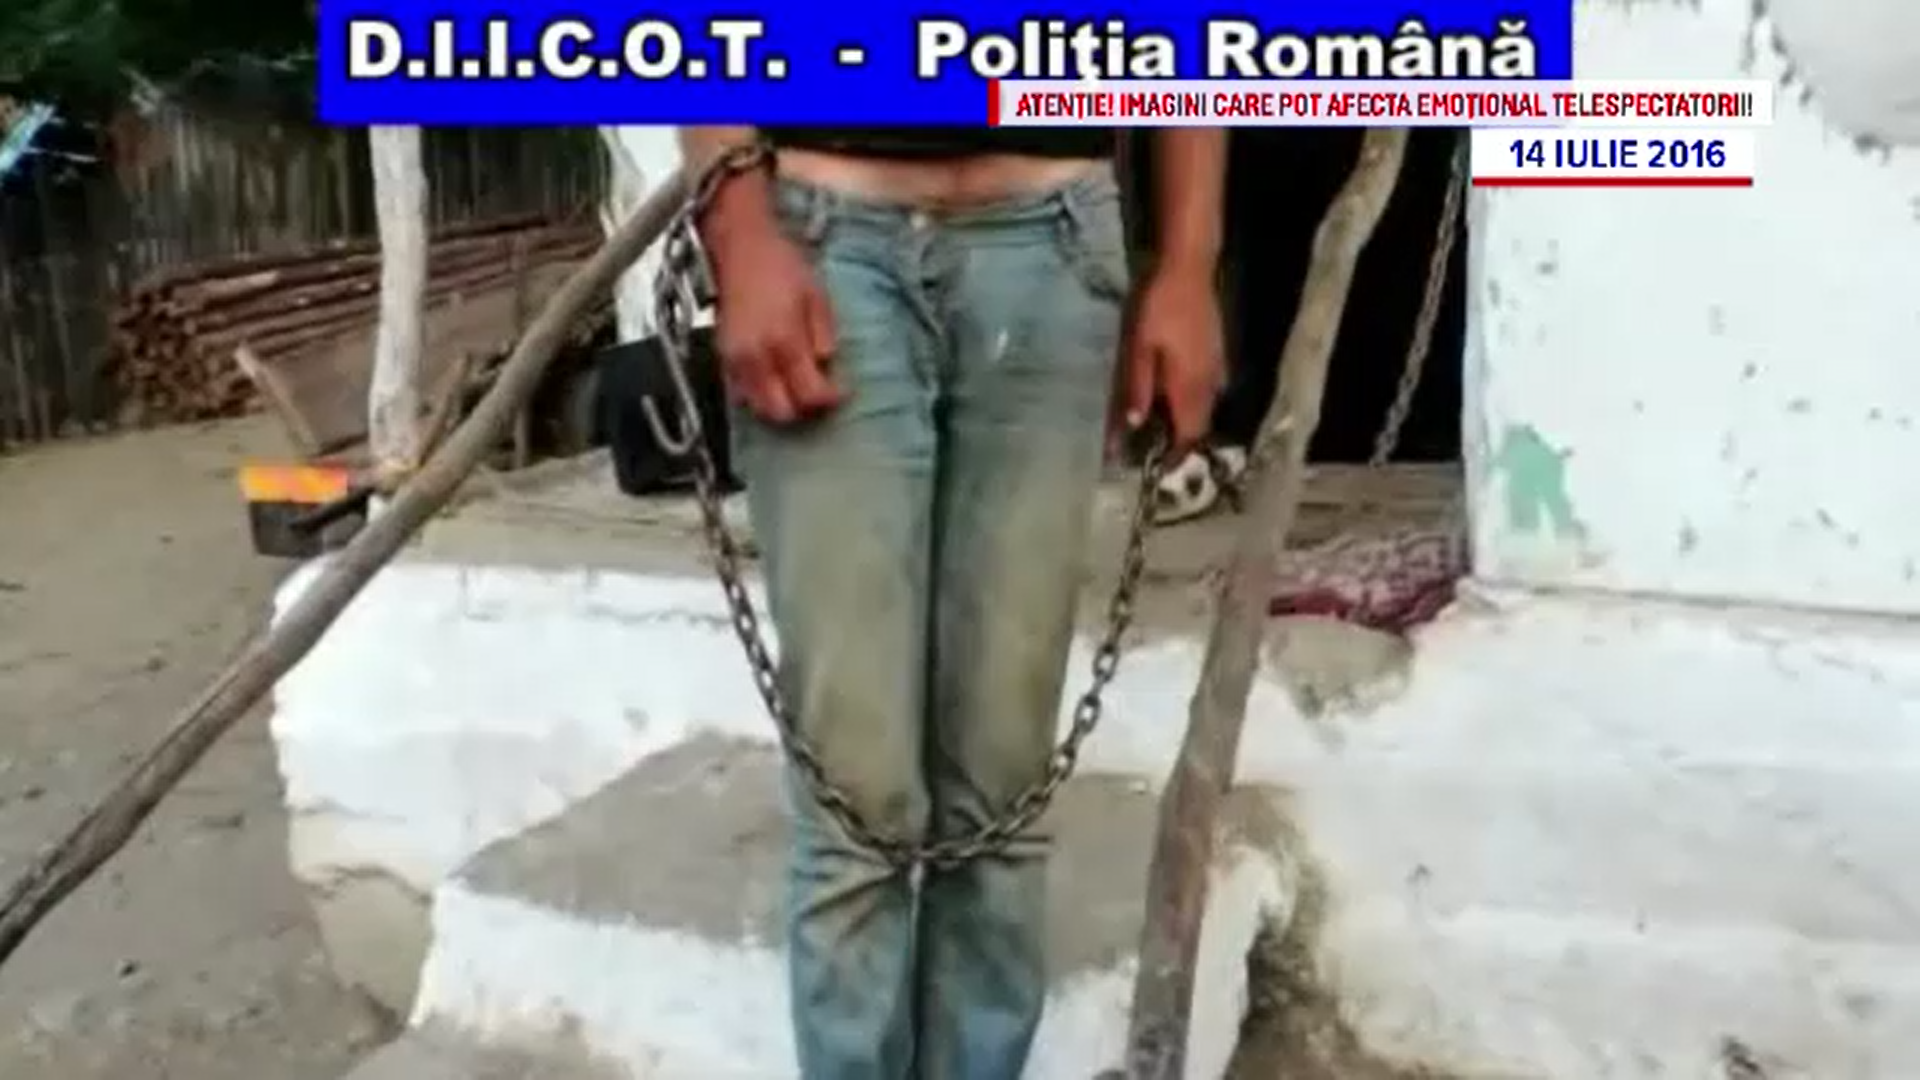 Alte două persoane au fost reținute în dosarul sclavilor descoperiţi în urmă cu cinci ani, la Berevoieşti